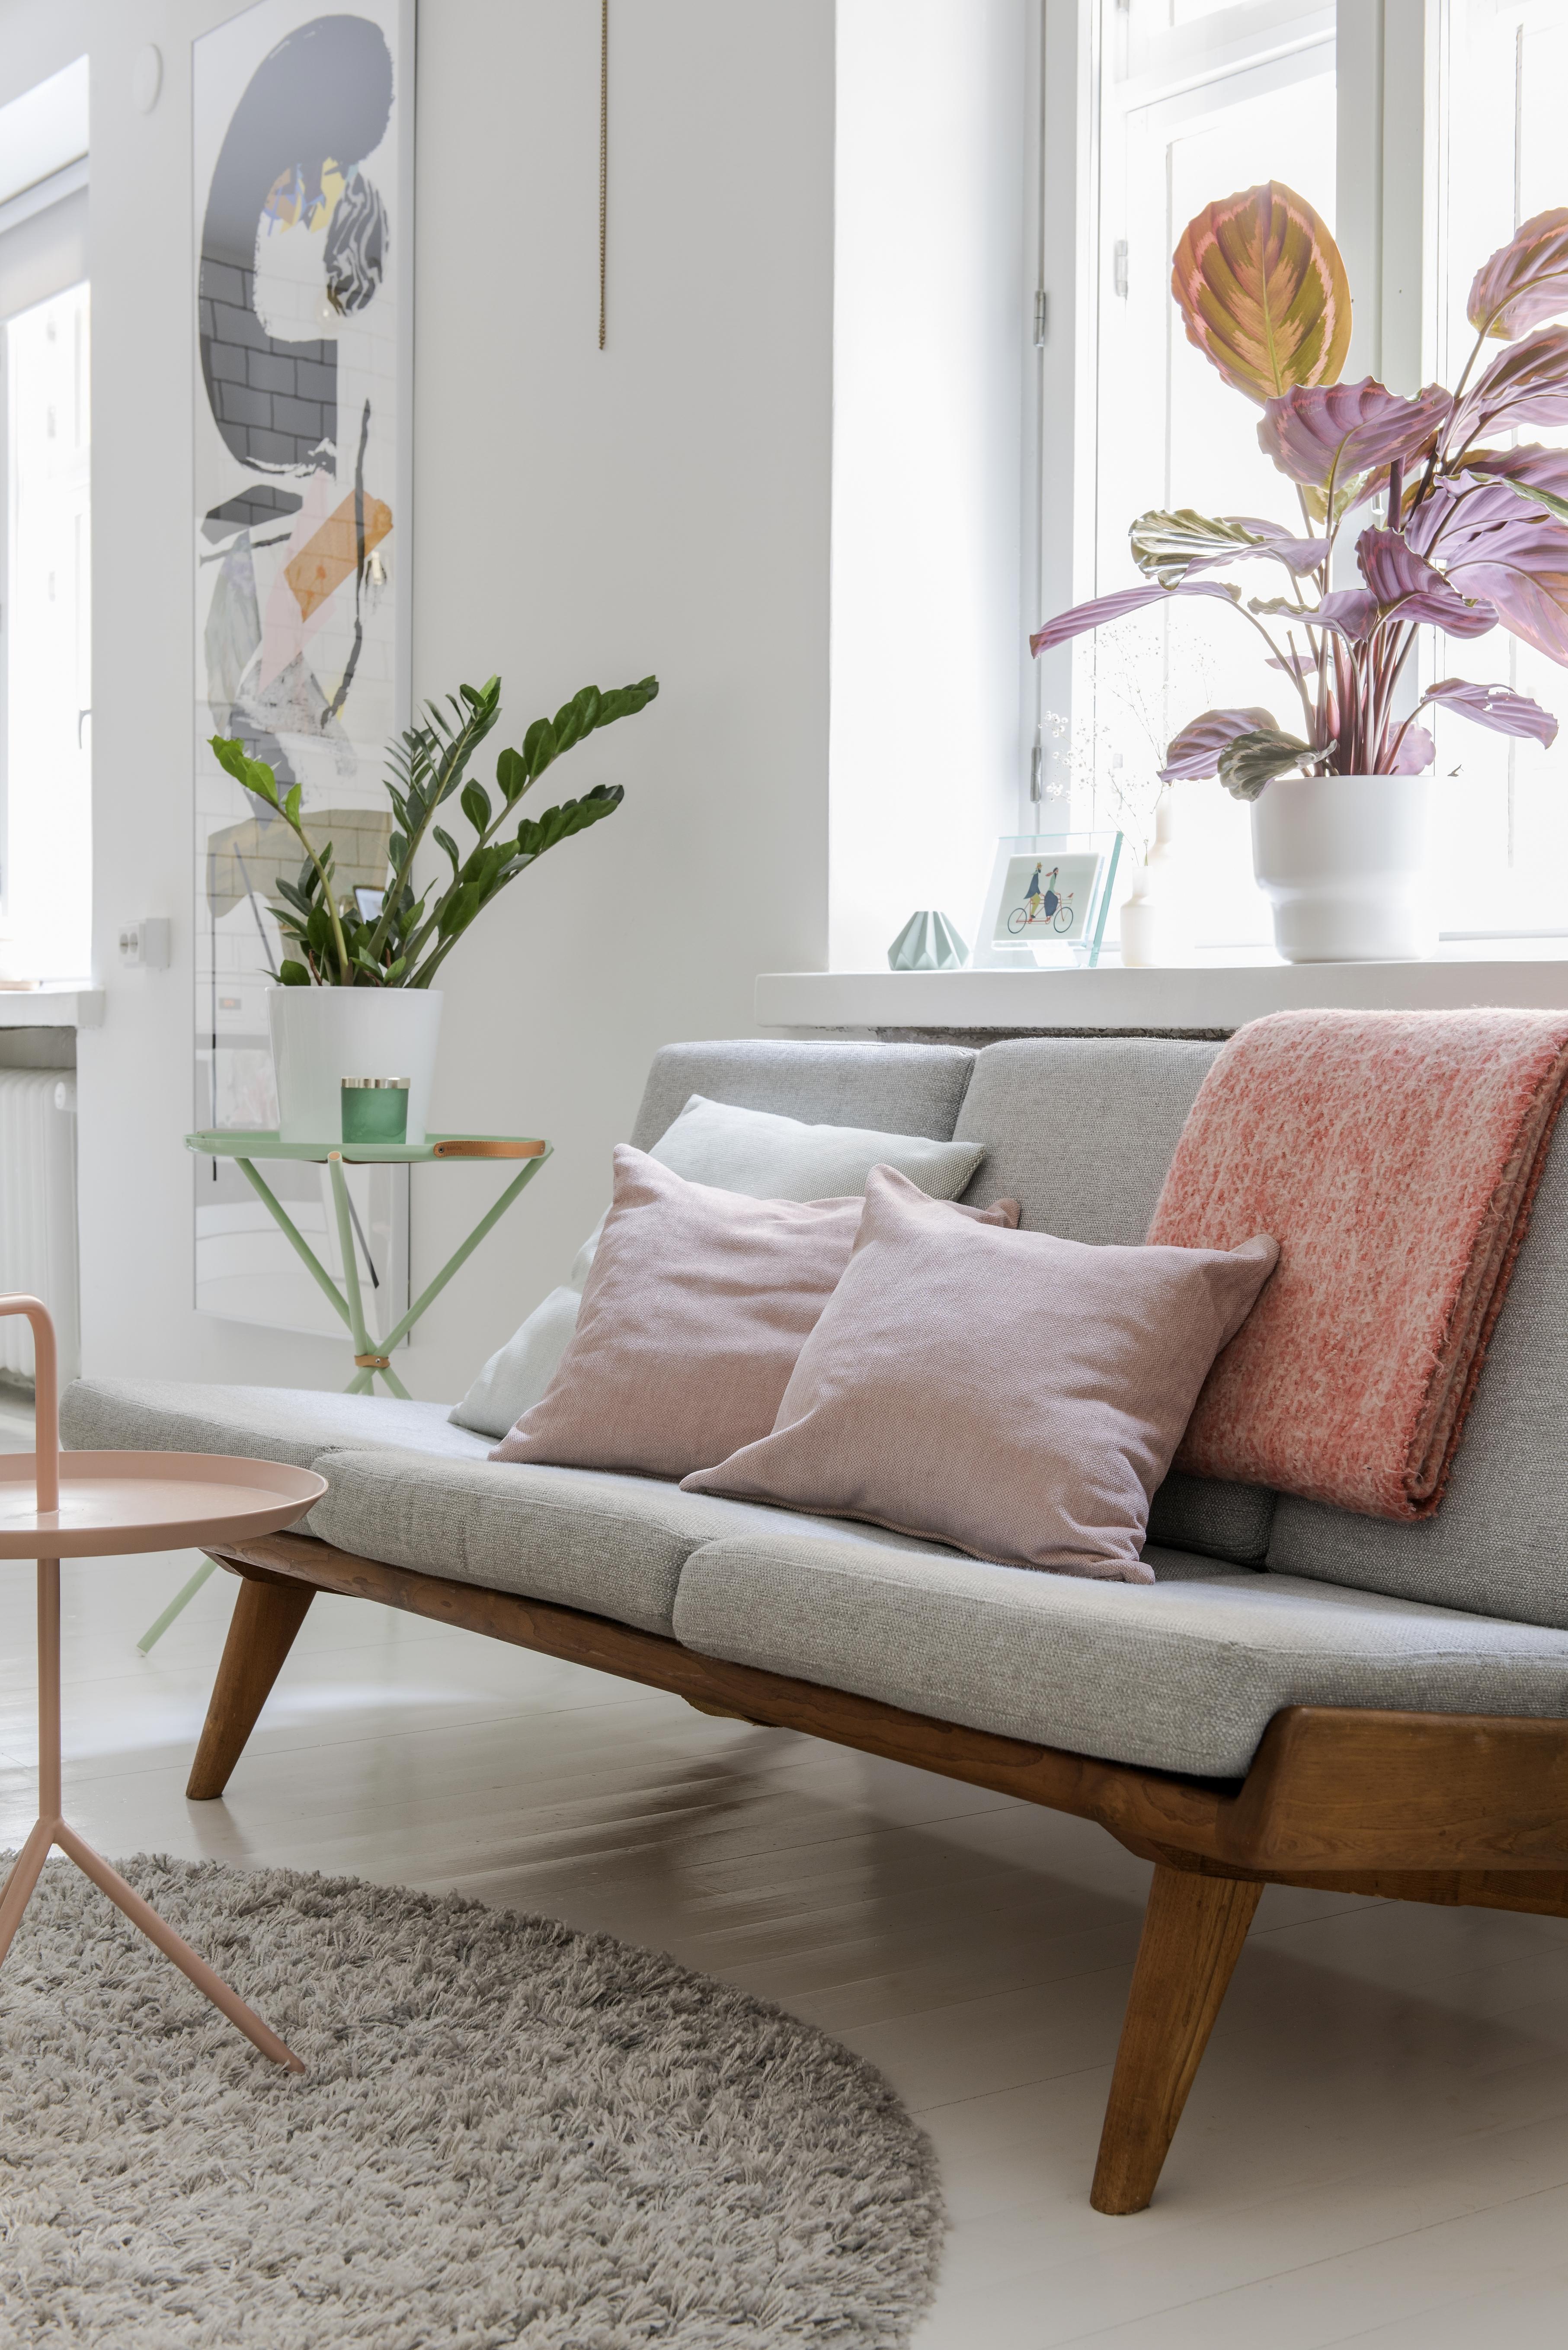 Carl-Gustaf Hiort af Ornäsin suunnittelema ja Puunveiston valmistama  Studio-sohva vuodelta 1954. Vaaleanpunainen DLM-pöytä on Hayn a9681571c7